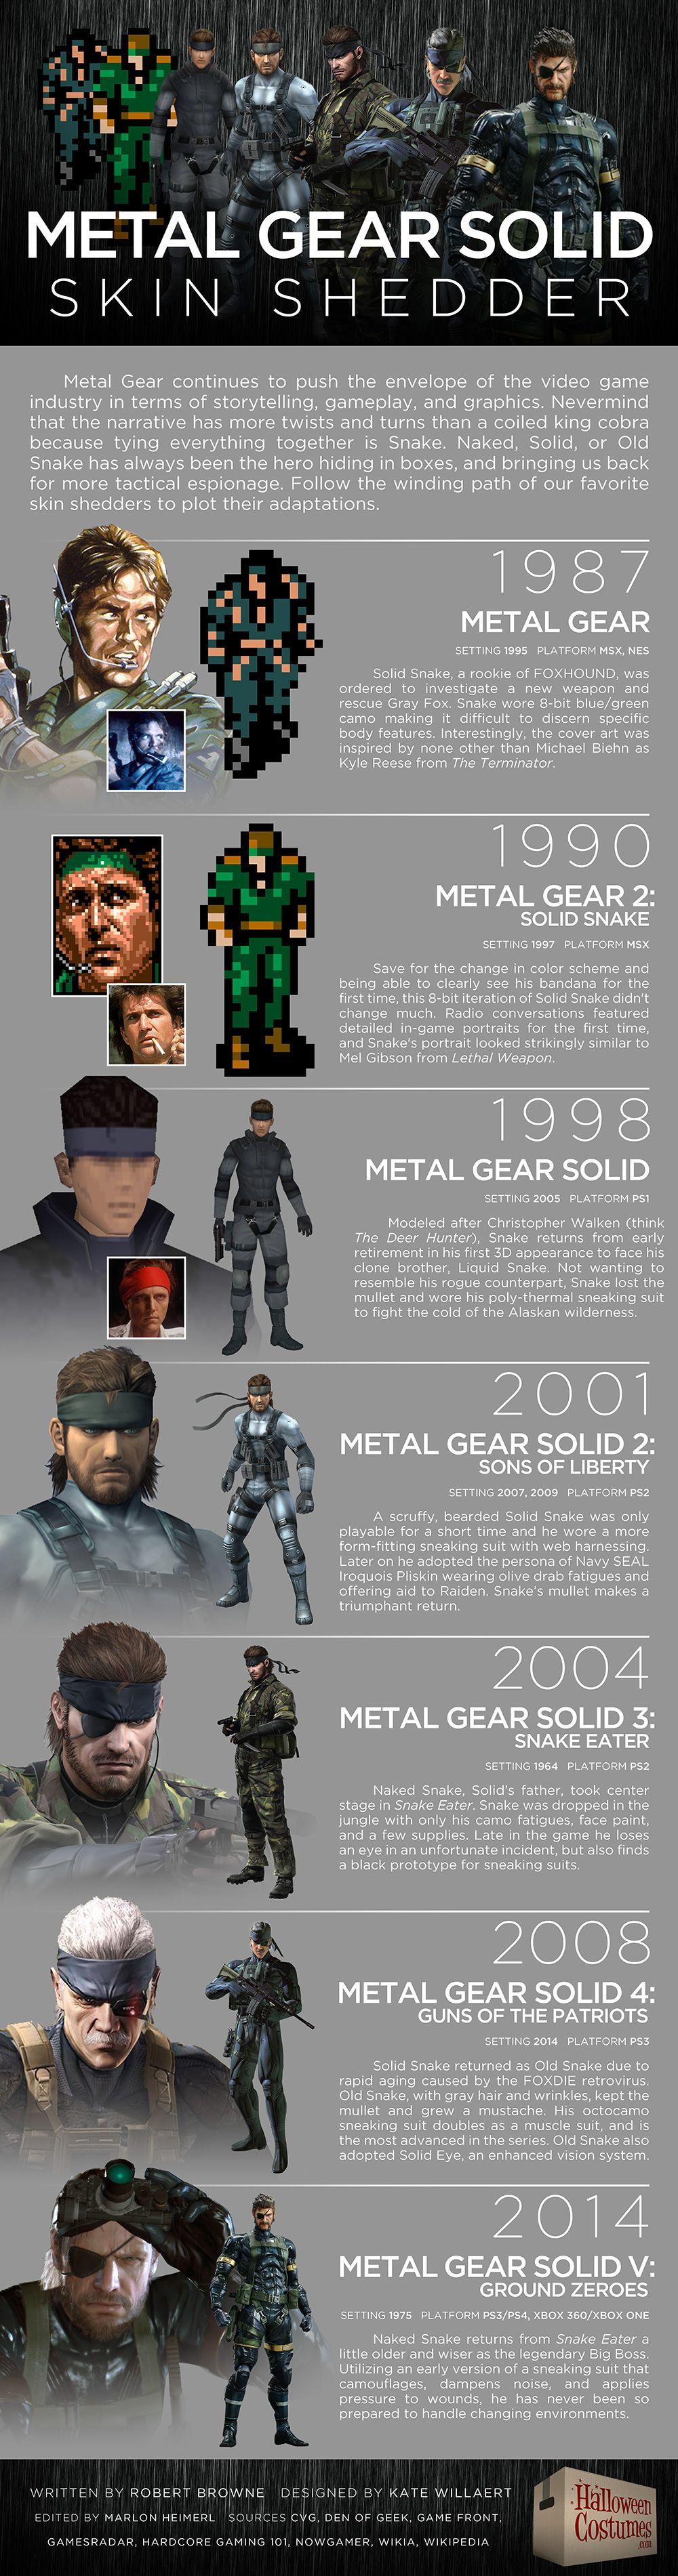 Metal Gear Solid: Skin Shedder [Infographic]